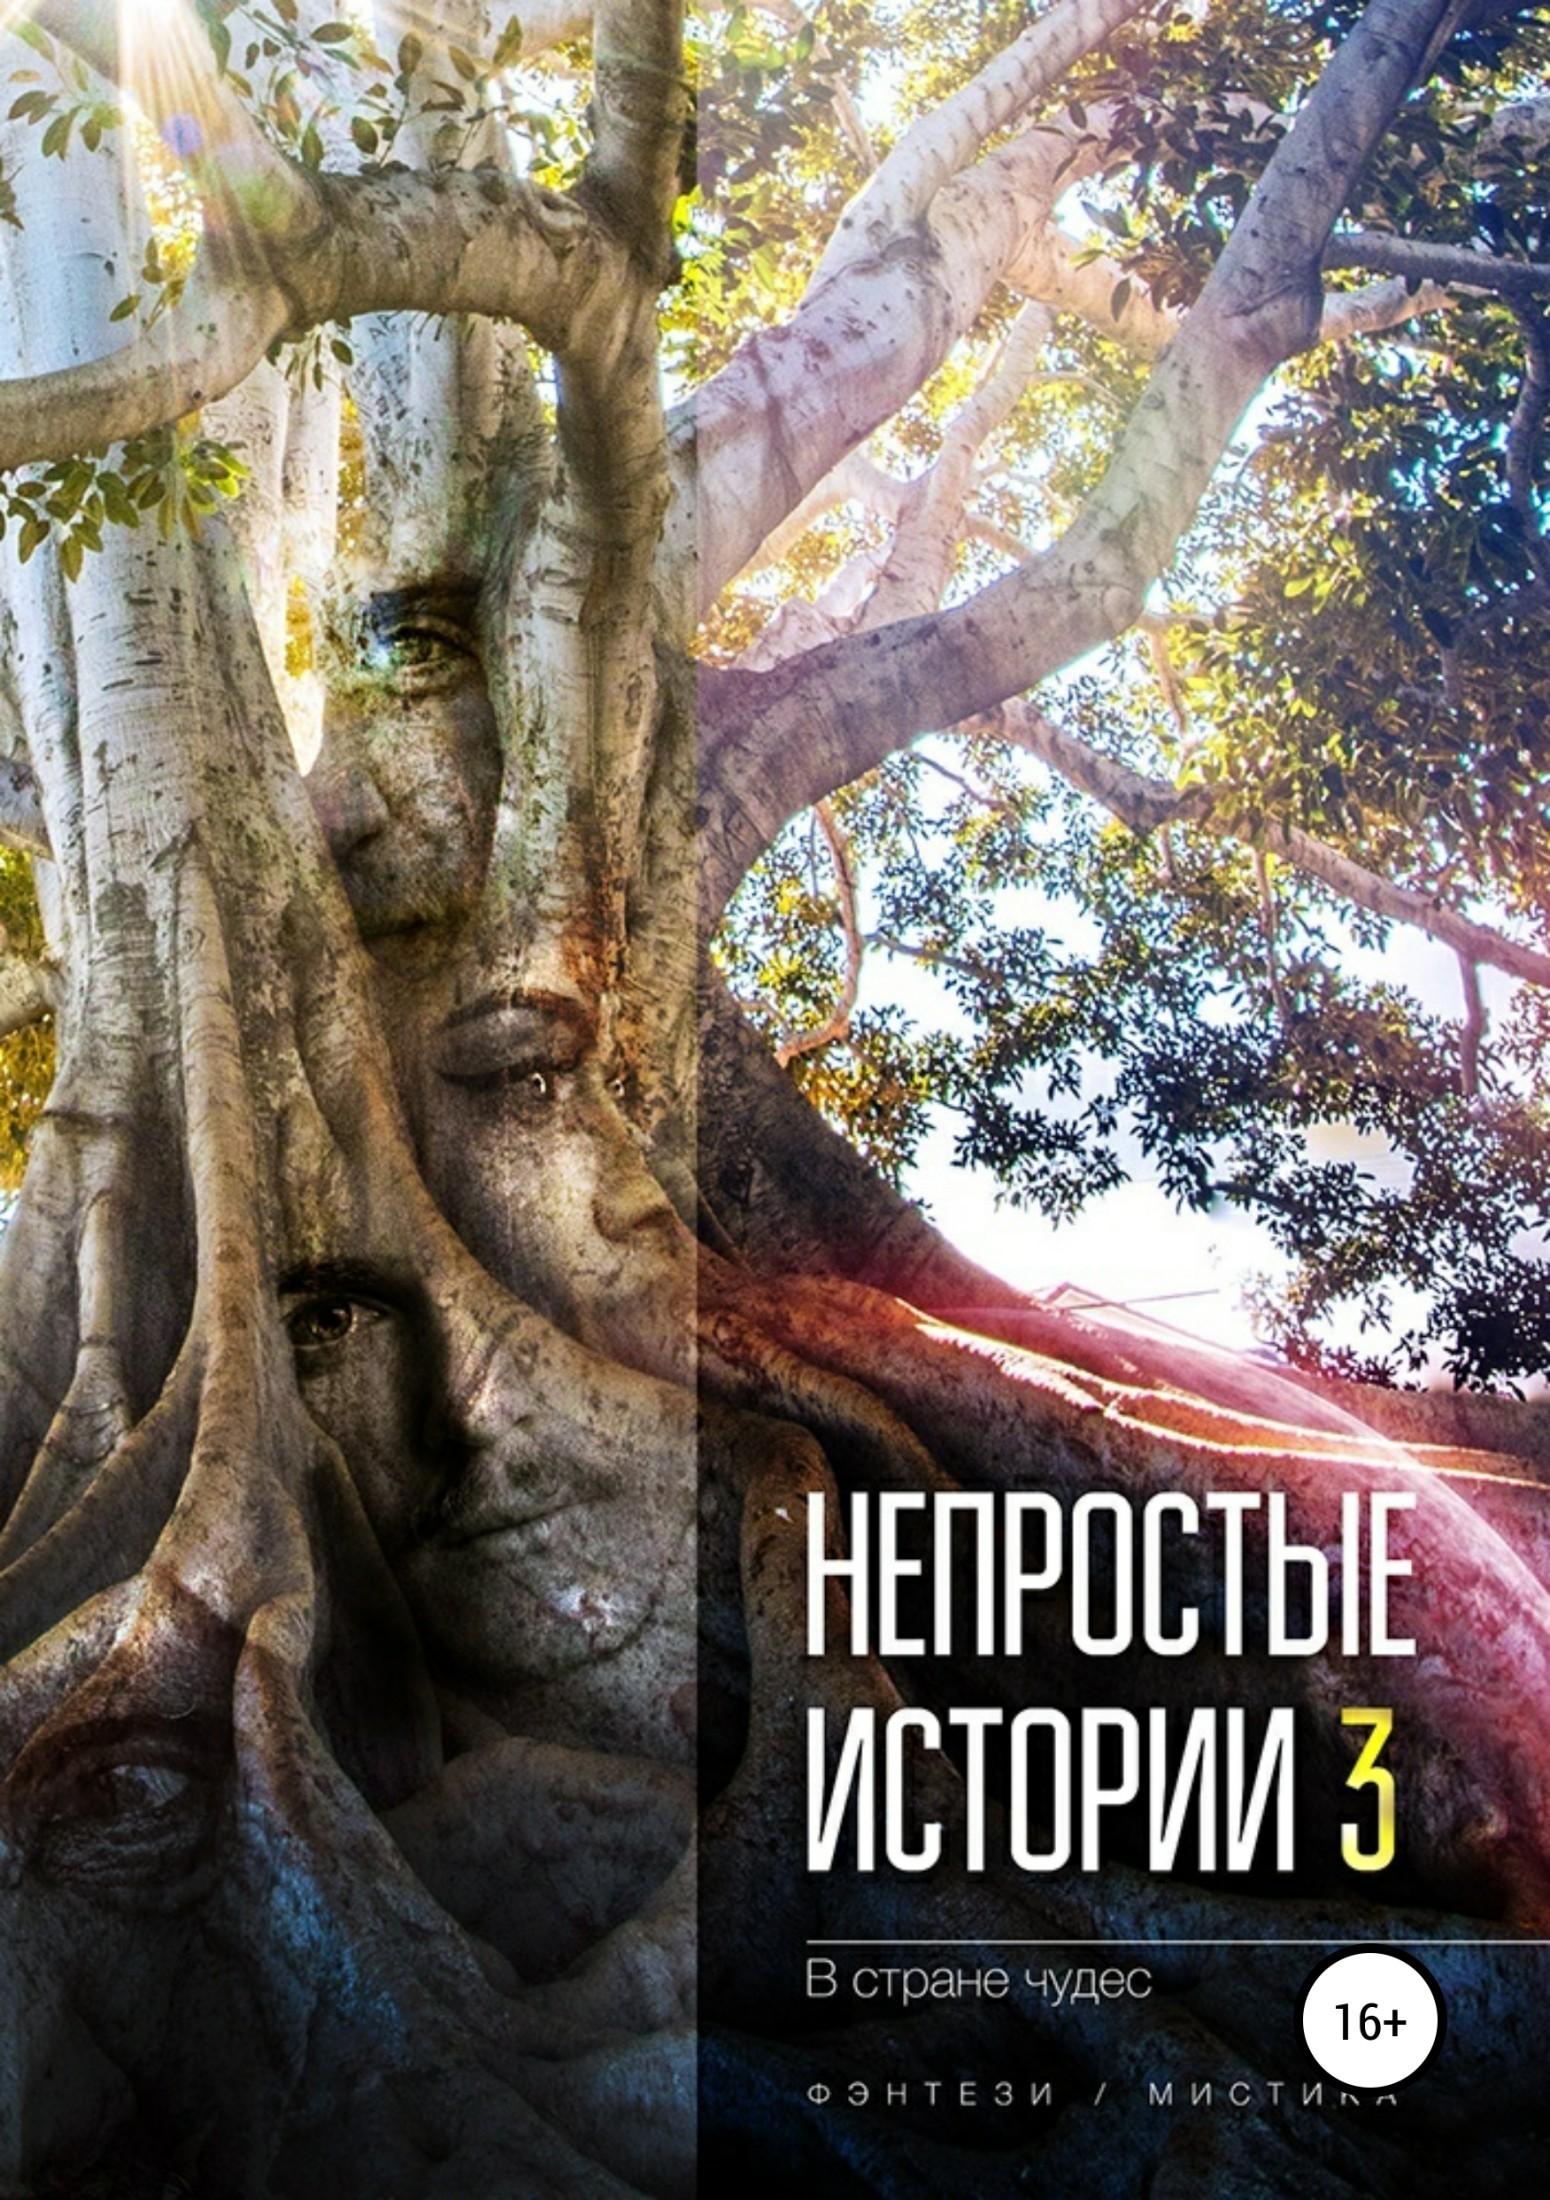 Непростые истории 3. В стране чудес